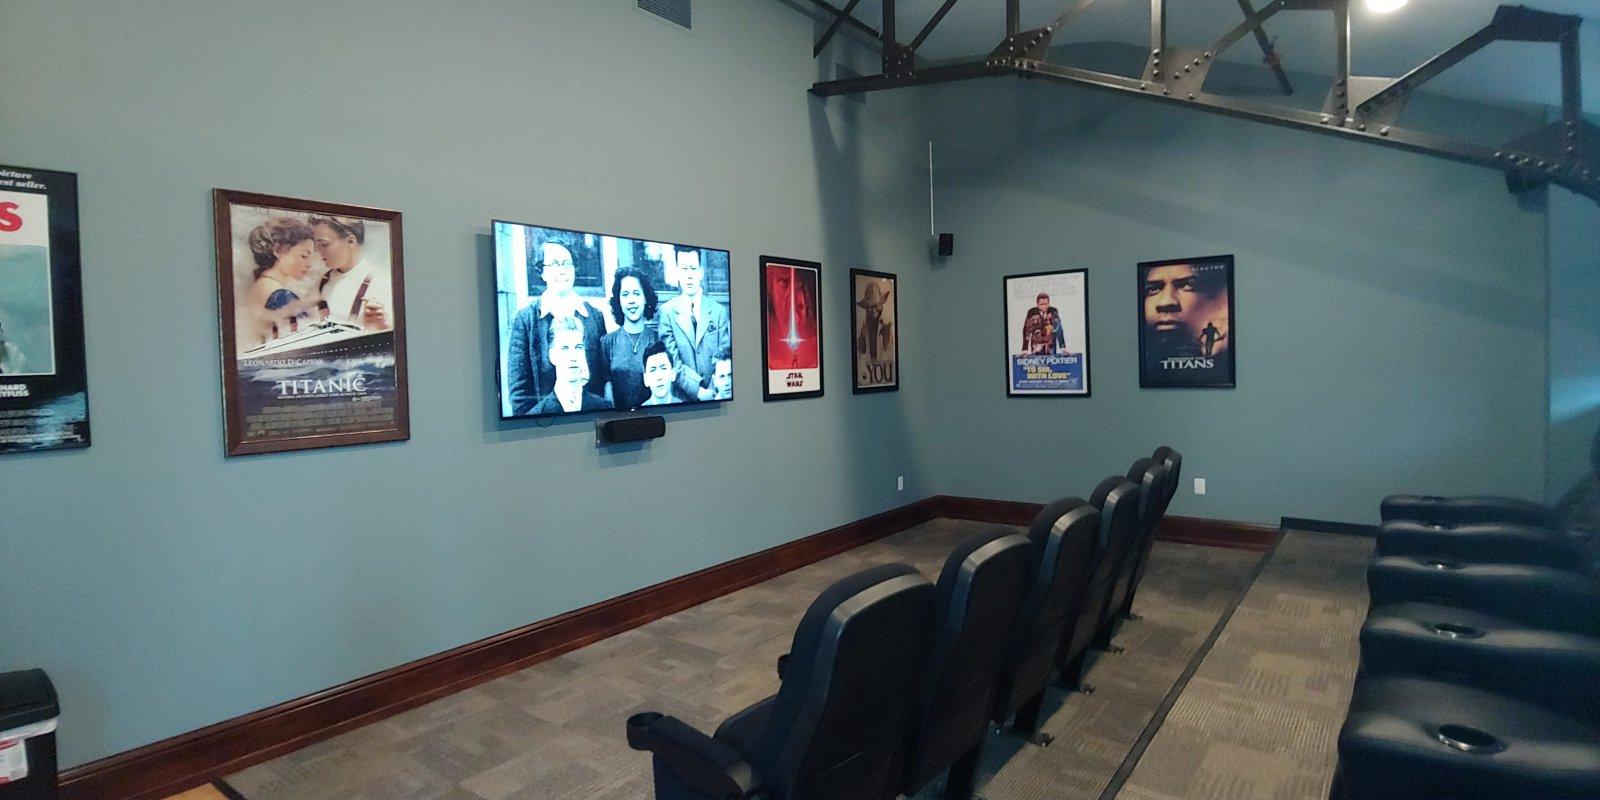 Welford Sanders Lofts community room